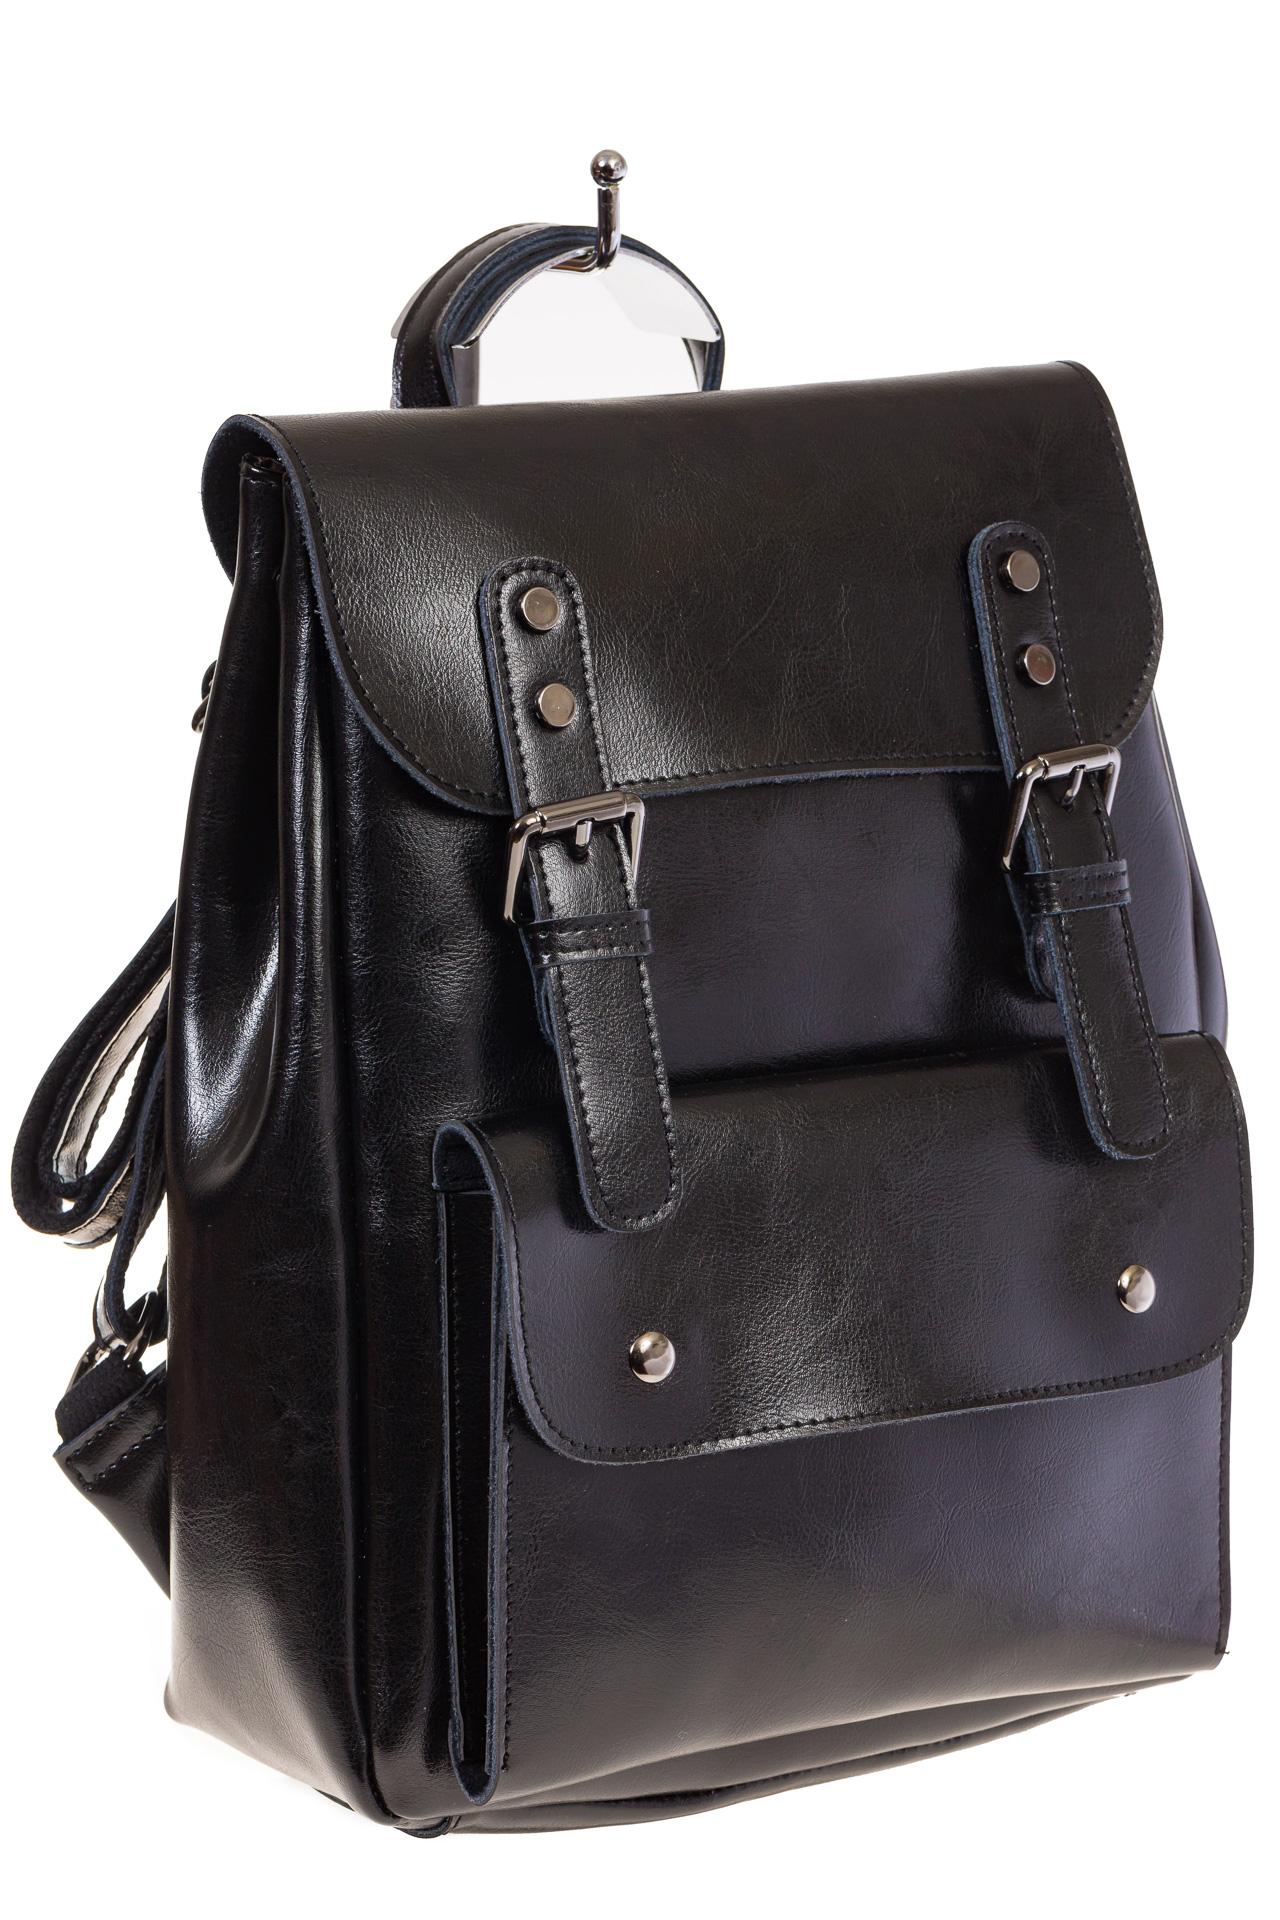 Купить оптом рюкзак из натуральной кожи с верхним клапаном, цвет черный, фото